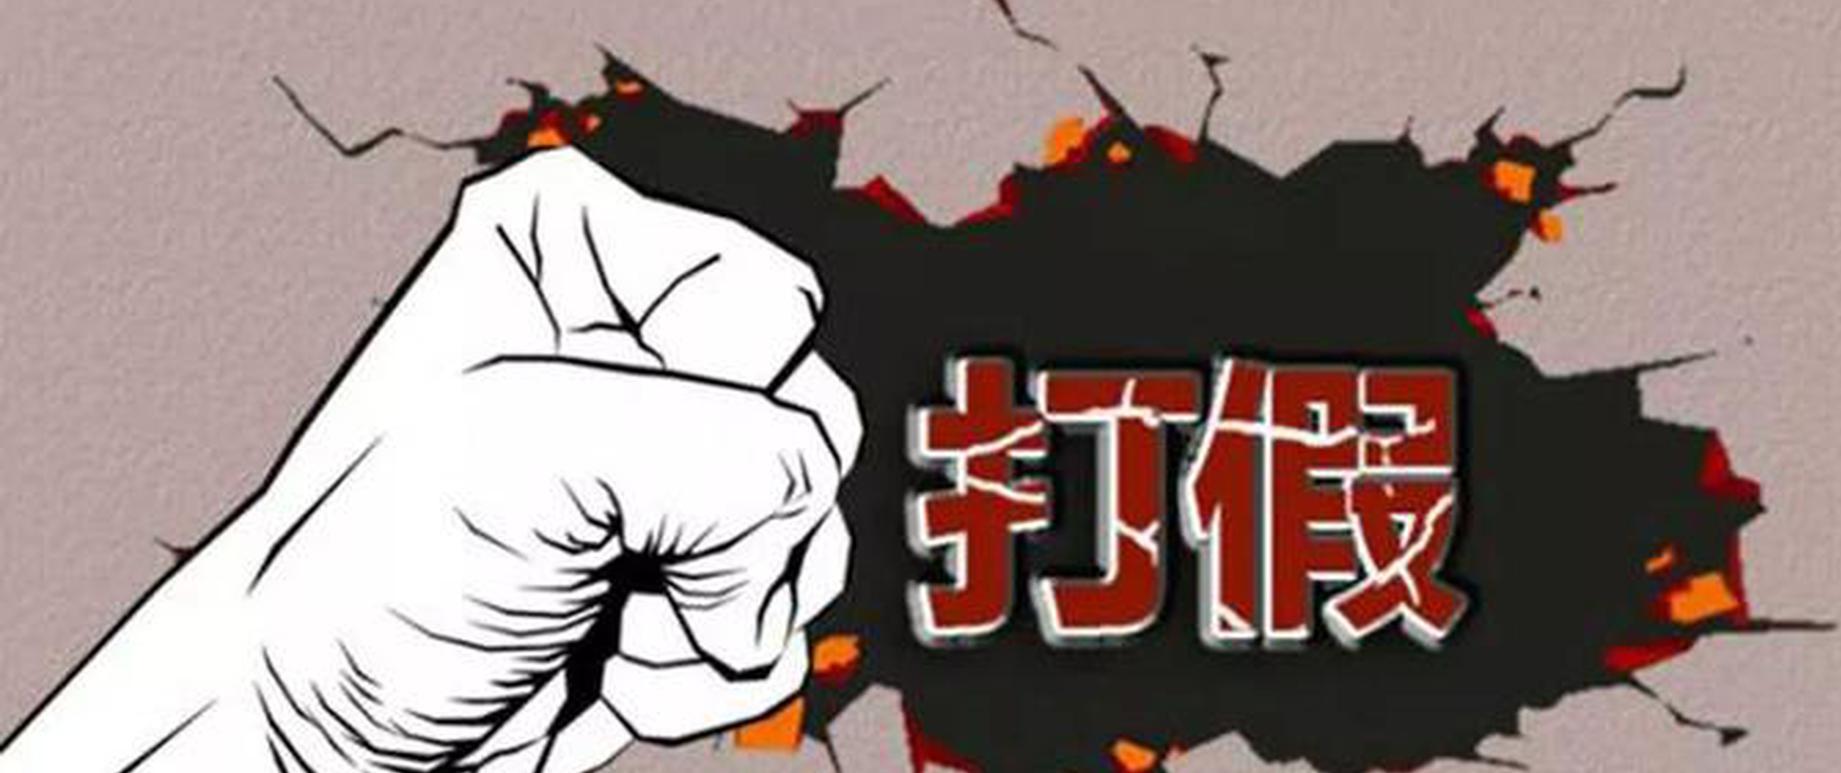 山东省公布第十四批疫情防控防护用品违法典型案例